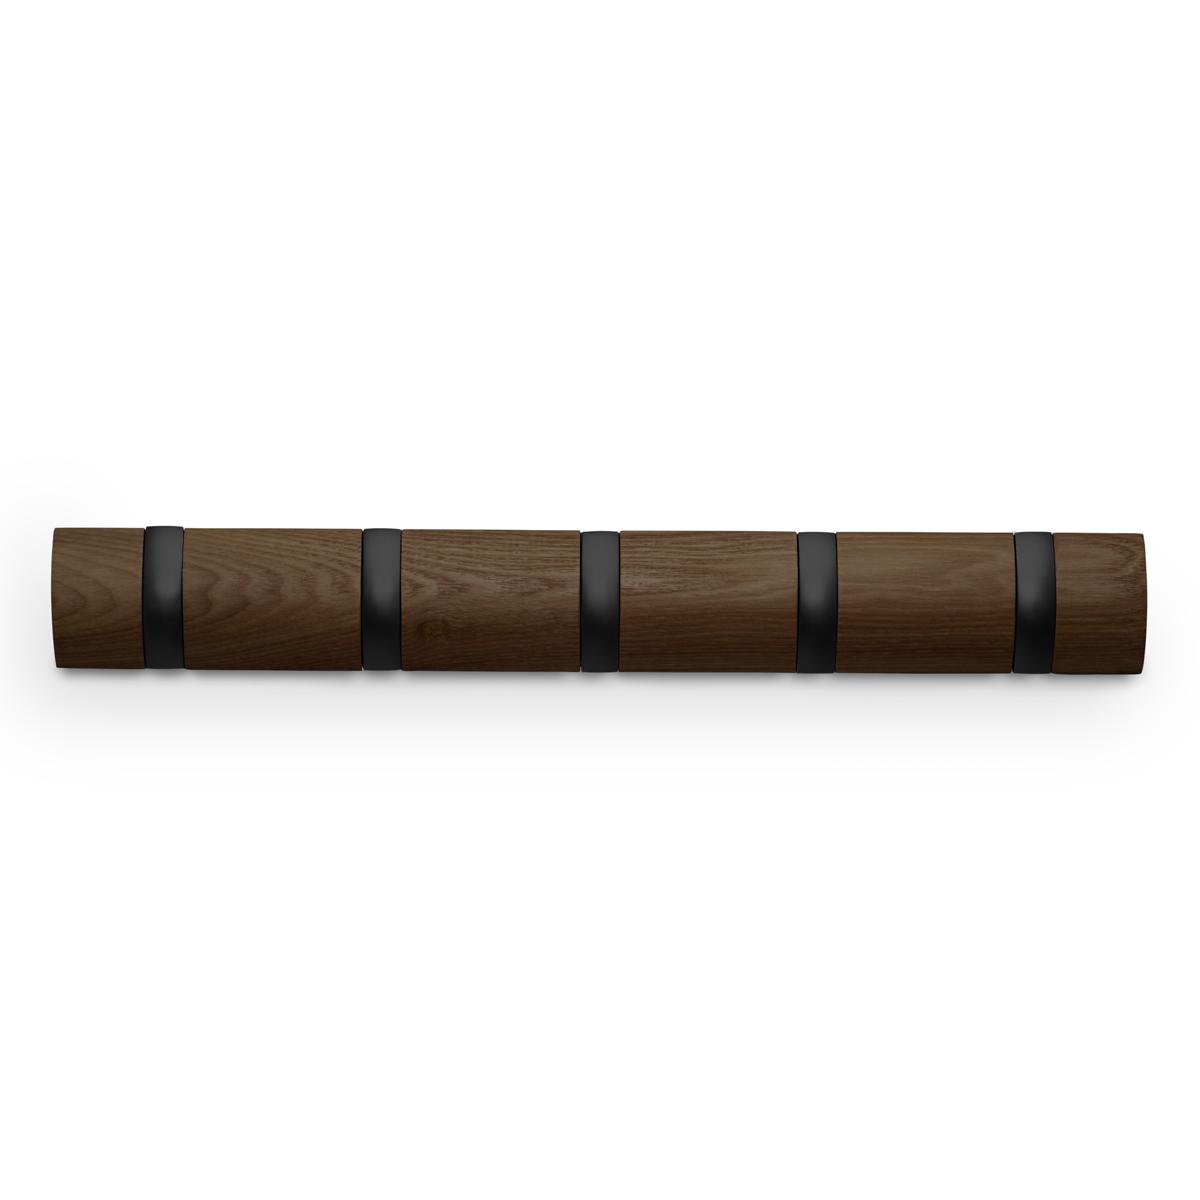 Вешалка Umbra Flip, настенная, цвет: бежевый, 5 крючков318850-048Стильная и прочная вешалка интересной формы. Имеет 5 откидных алюминиевых крючков. Когда они не используются, то складываются внутрь, превращая конструкцию в абсолютно гладкую поверхность.Идеально для маленьких прихожих и ограниченных пространств.Каждый крючок выдерживает вес до 2,3 кг.